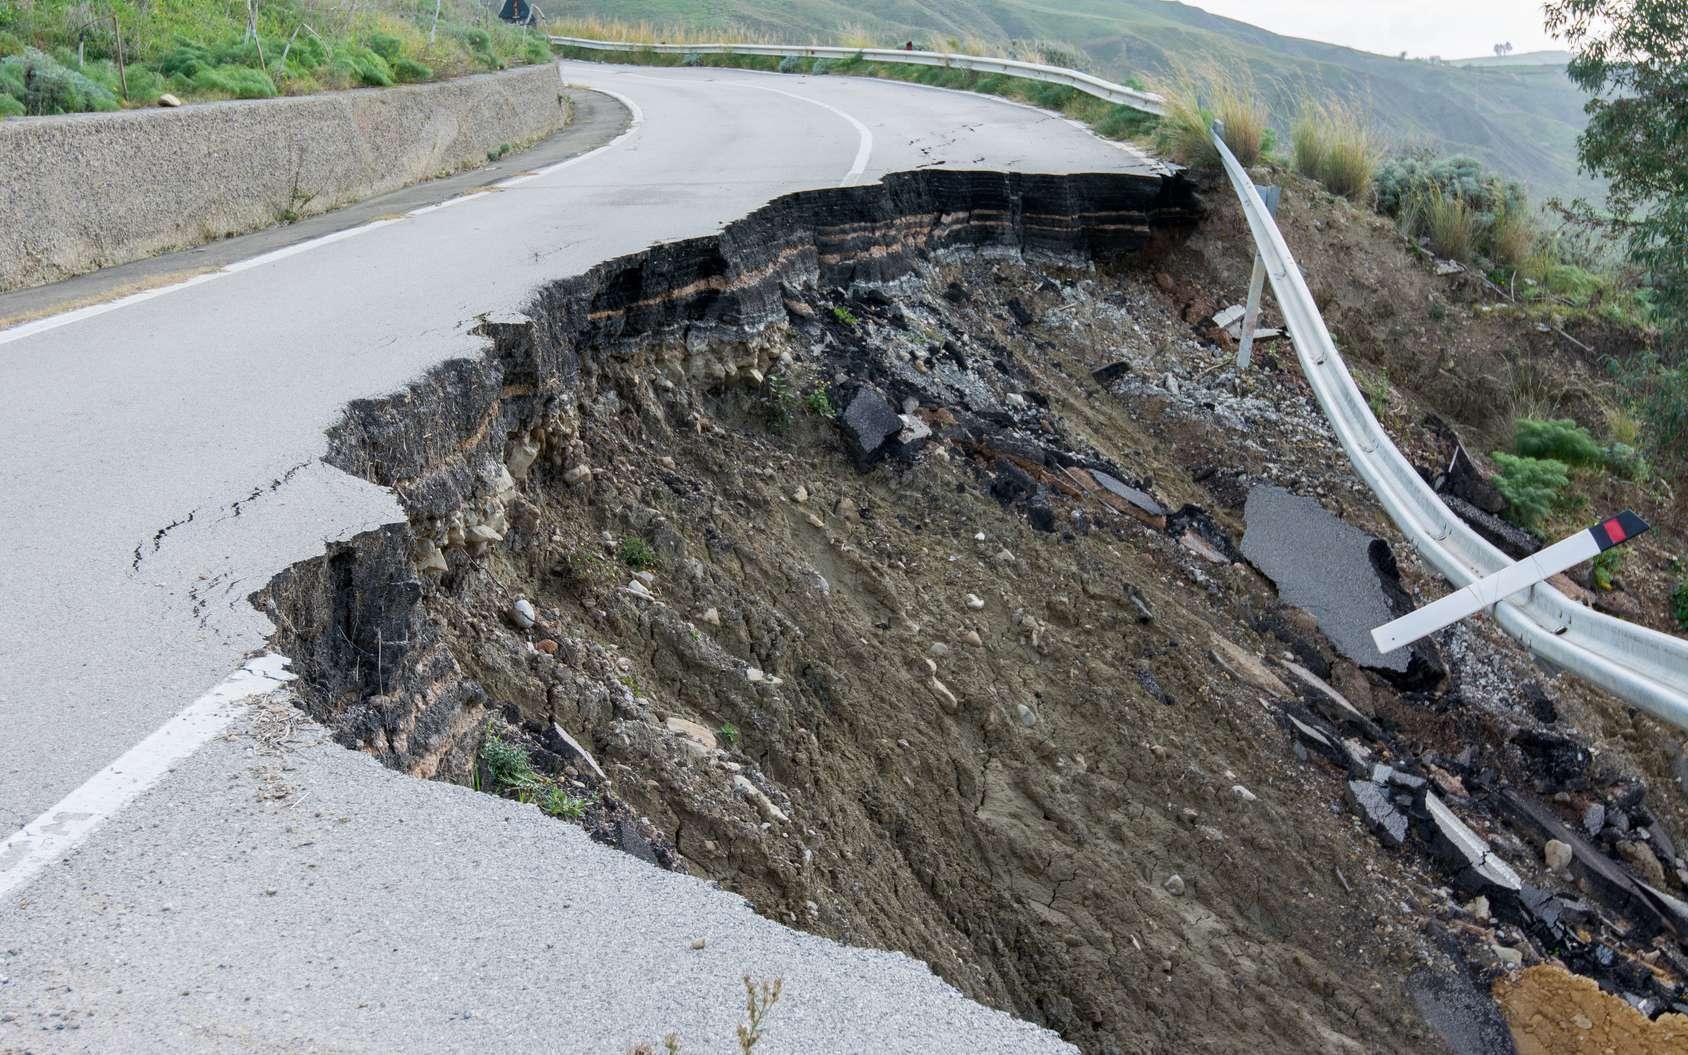 L'effet d'un tremblement de terre sur une route. © puckillustrations, Fotolia